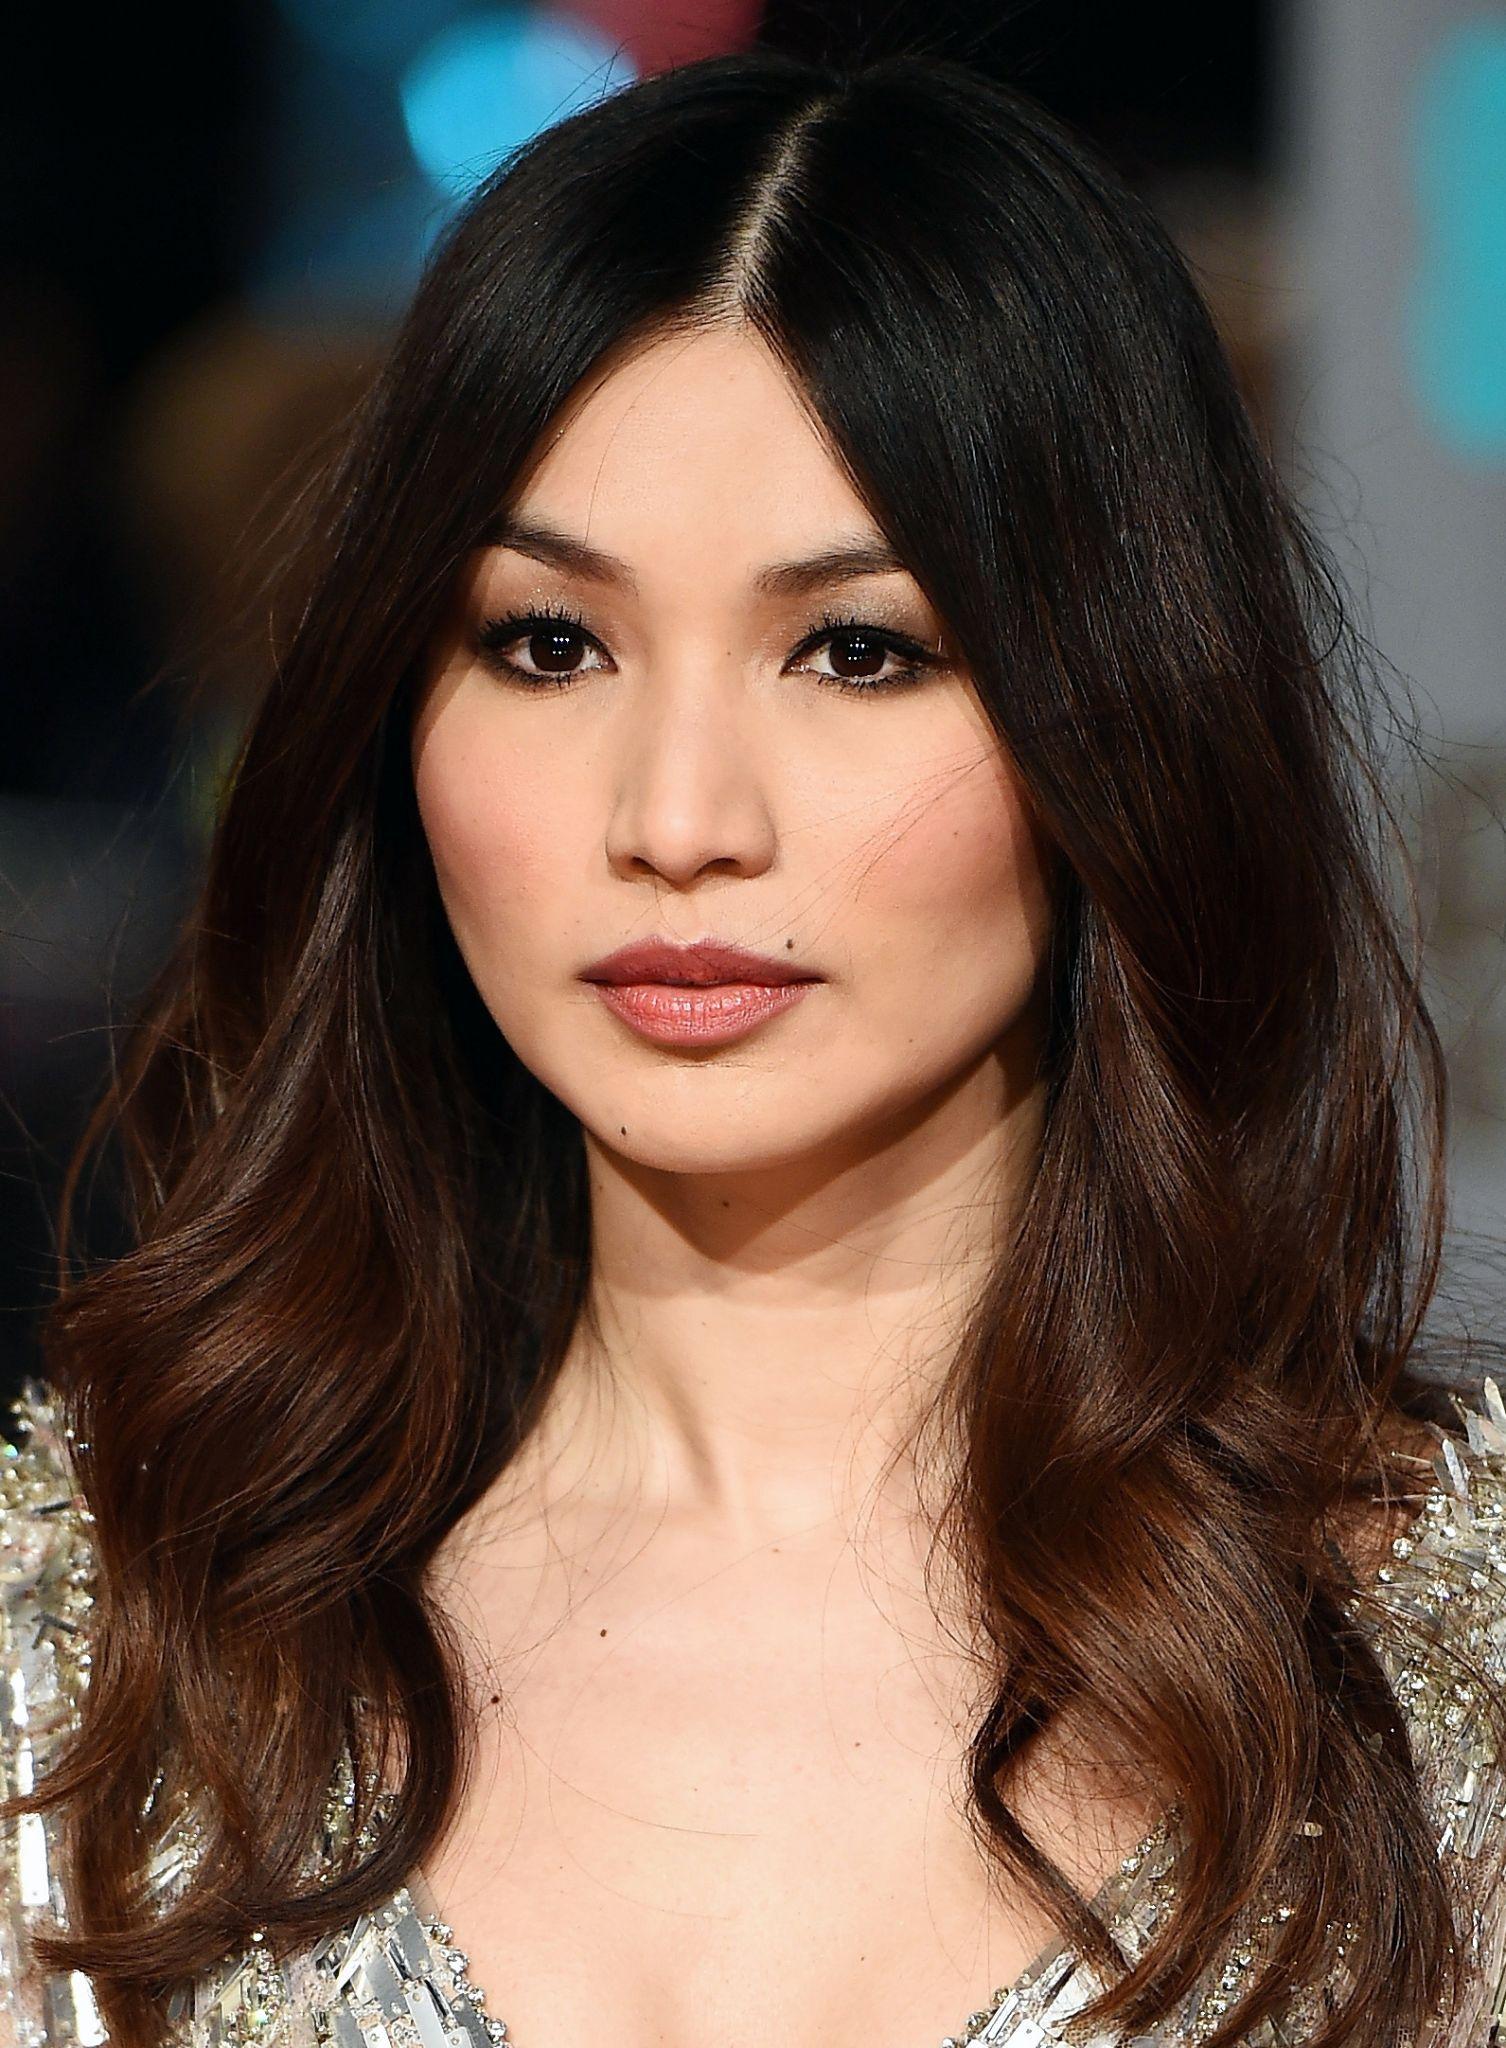 Gemma Chan super gata com o cabelo ondas suaves e risca milimétrica no meio + make com pele de boneca, blush mais marcado e olho esfumado com tons de cinza e preto no contorno